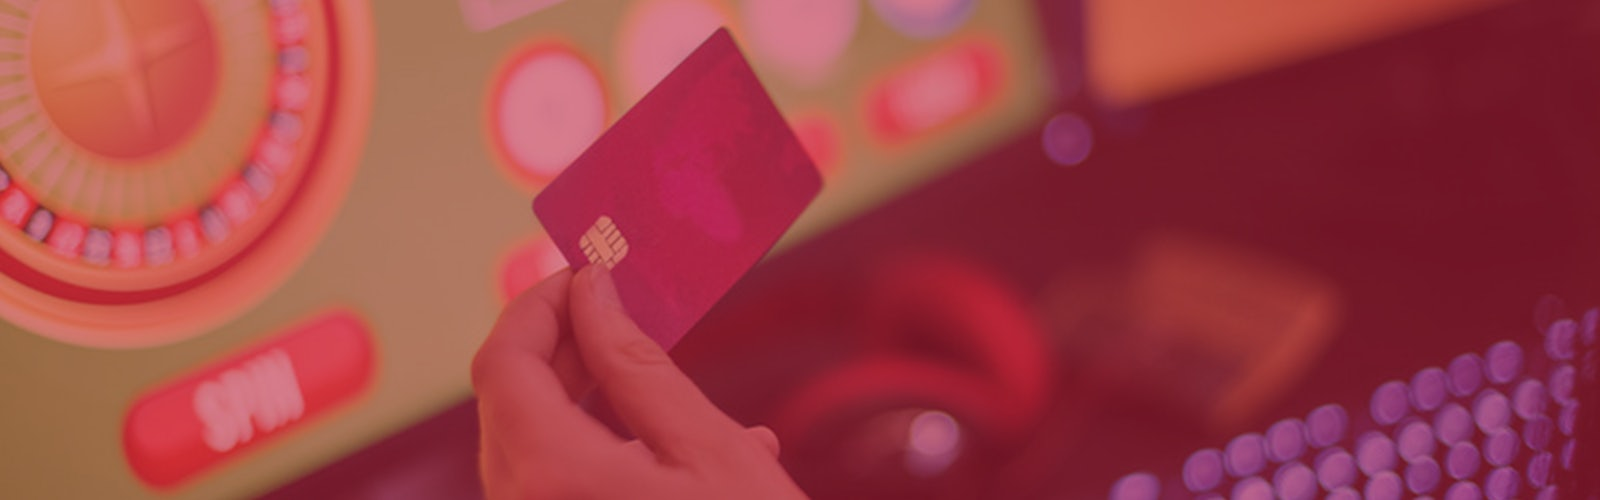 Bonos recarga apuestas deportivas casino online